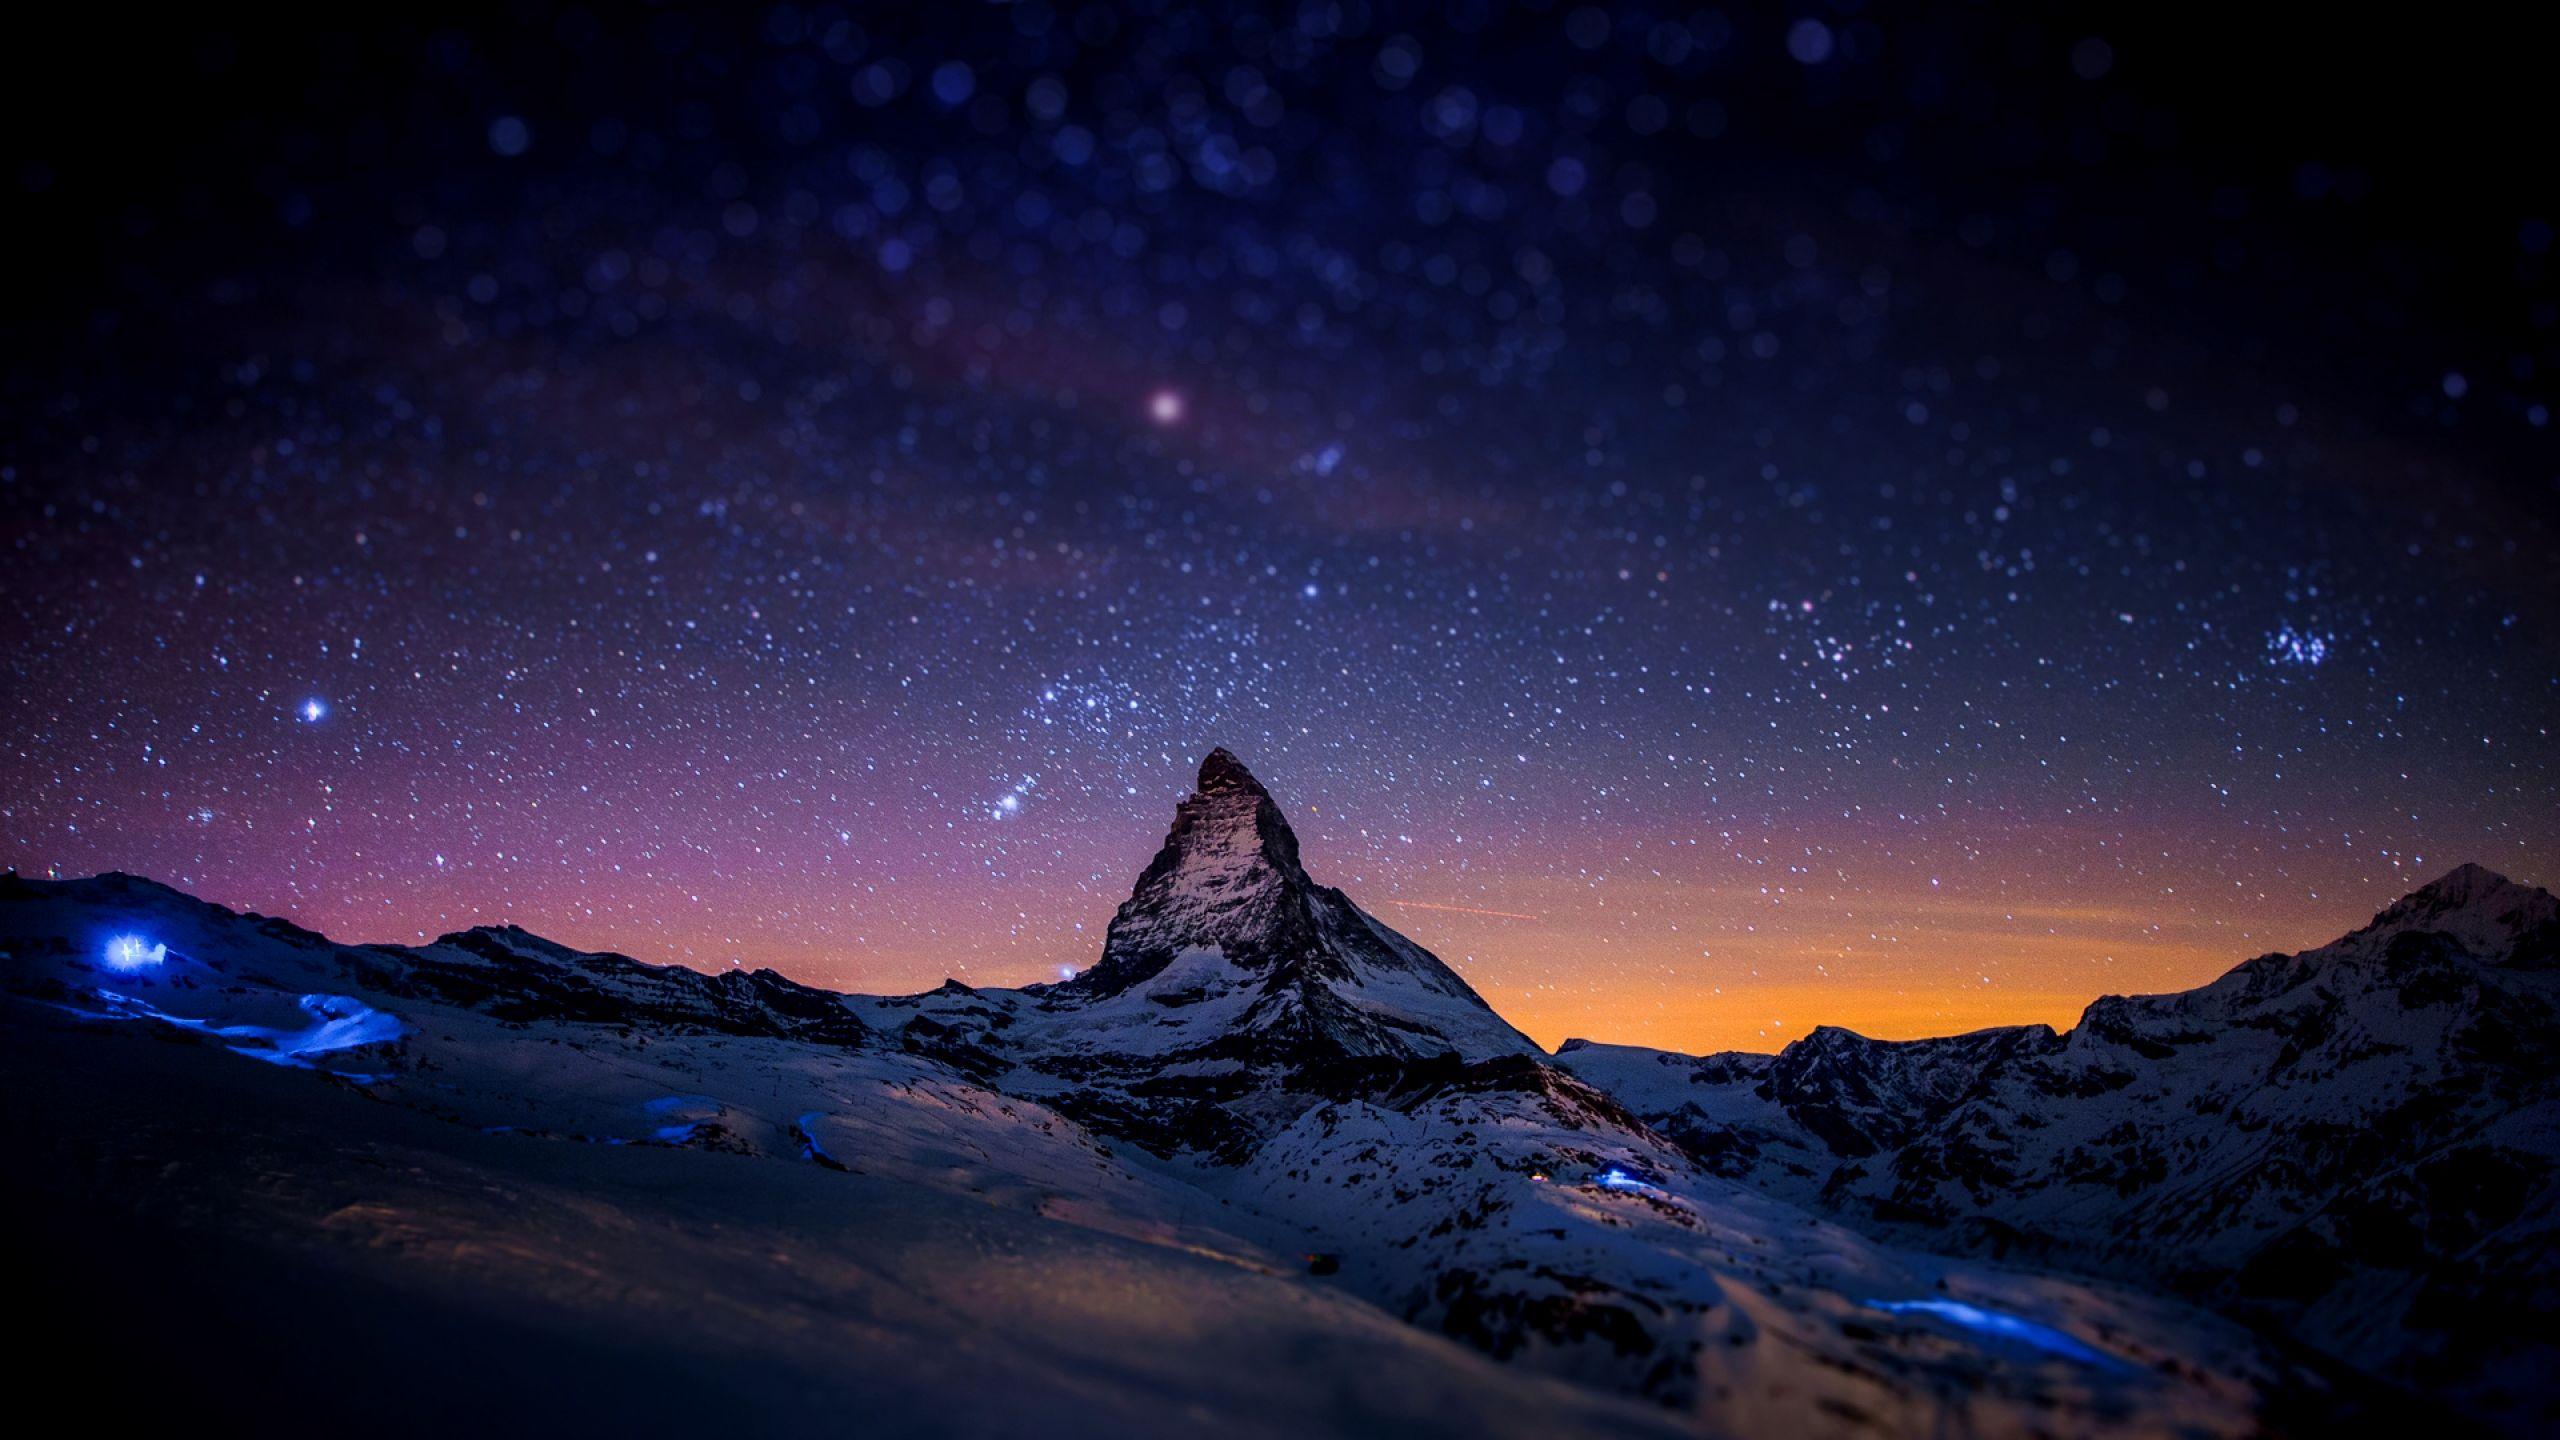 Beautiful Night Sky Hd Wallpaper